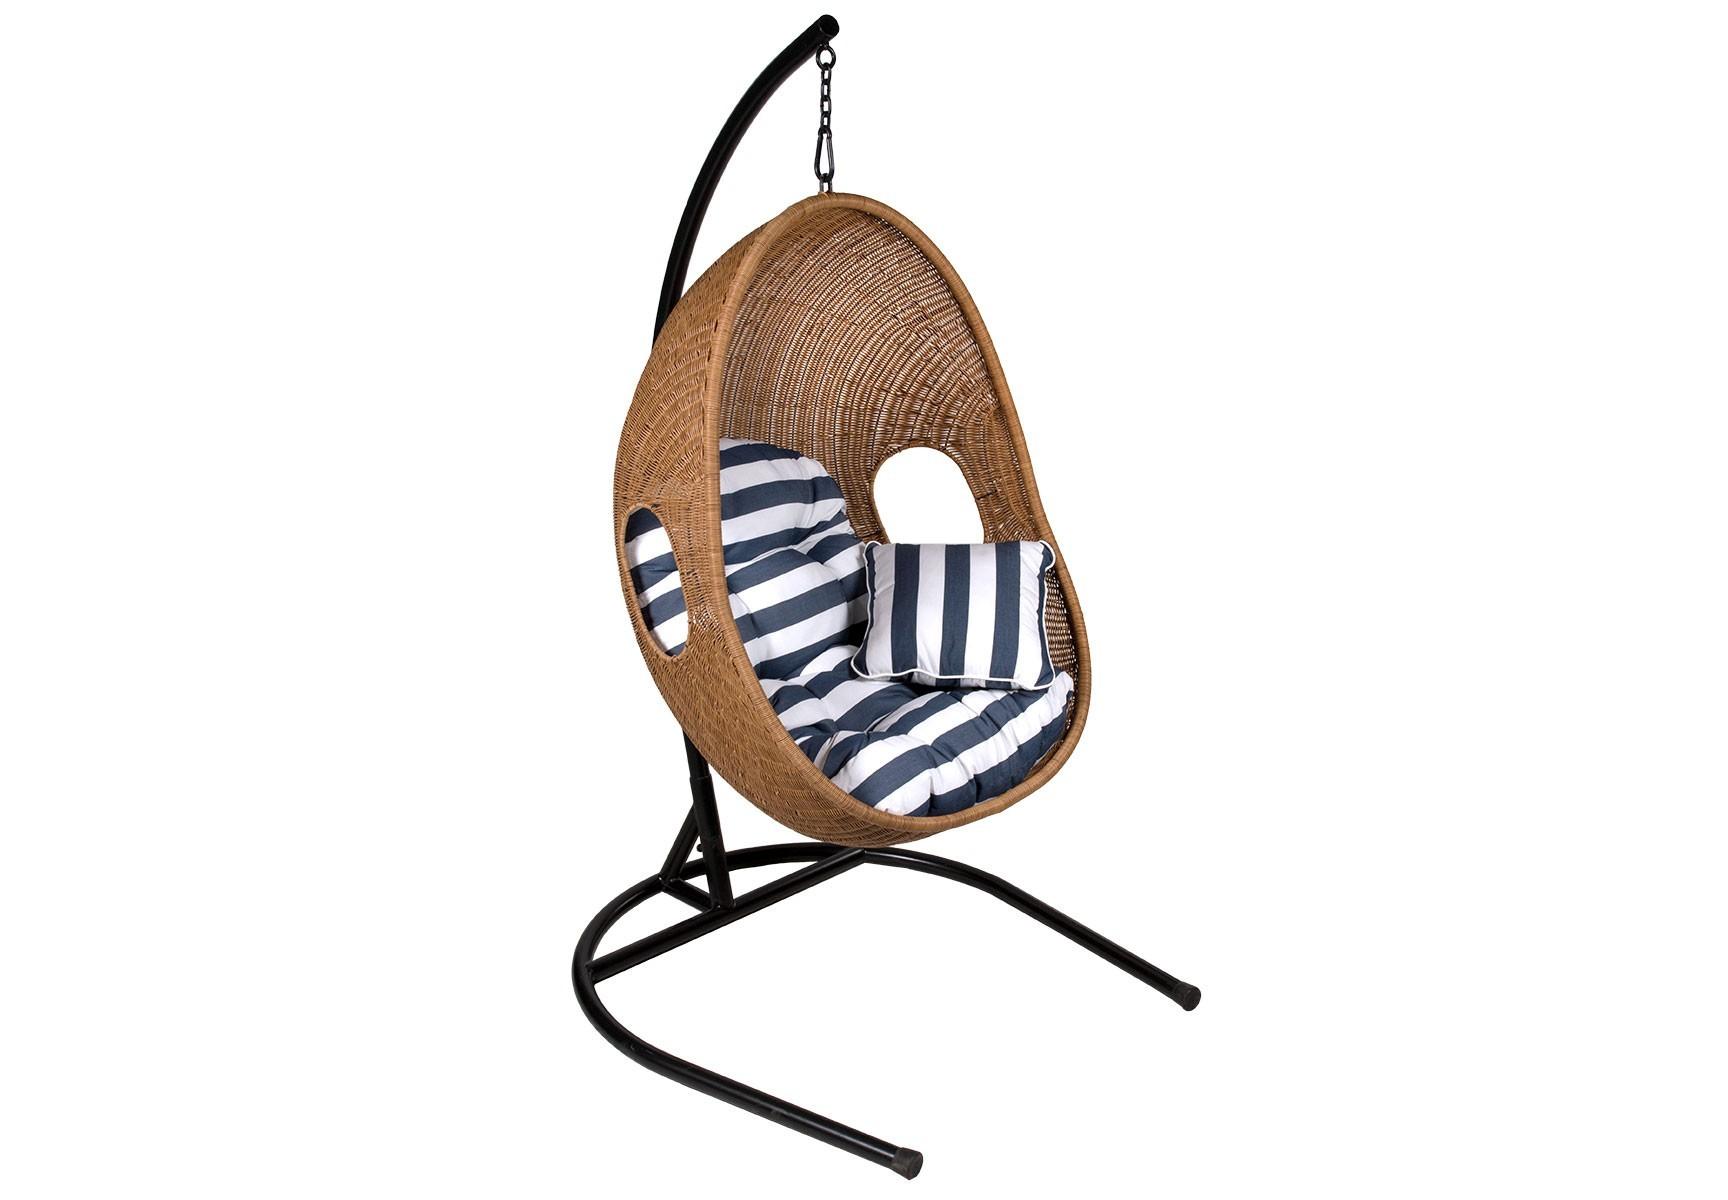 Подвесное кресло EagleПодвесные кресла<br>Подвесное кресло Eagle из искусственного 2,5-мм ротанга коричневого цвета на стальном каркасе. Подушка включена в стоимость.&amp;amp;nbsp;<br><br>Material: Искусственный ротанг<br>Length см: None<br>Width см: 88<br>Depth см: 71<br>Height см: 183